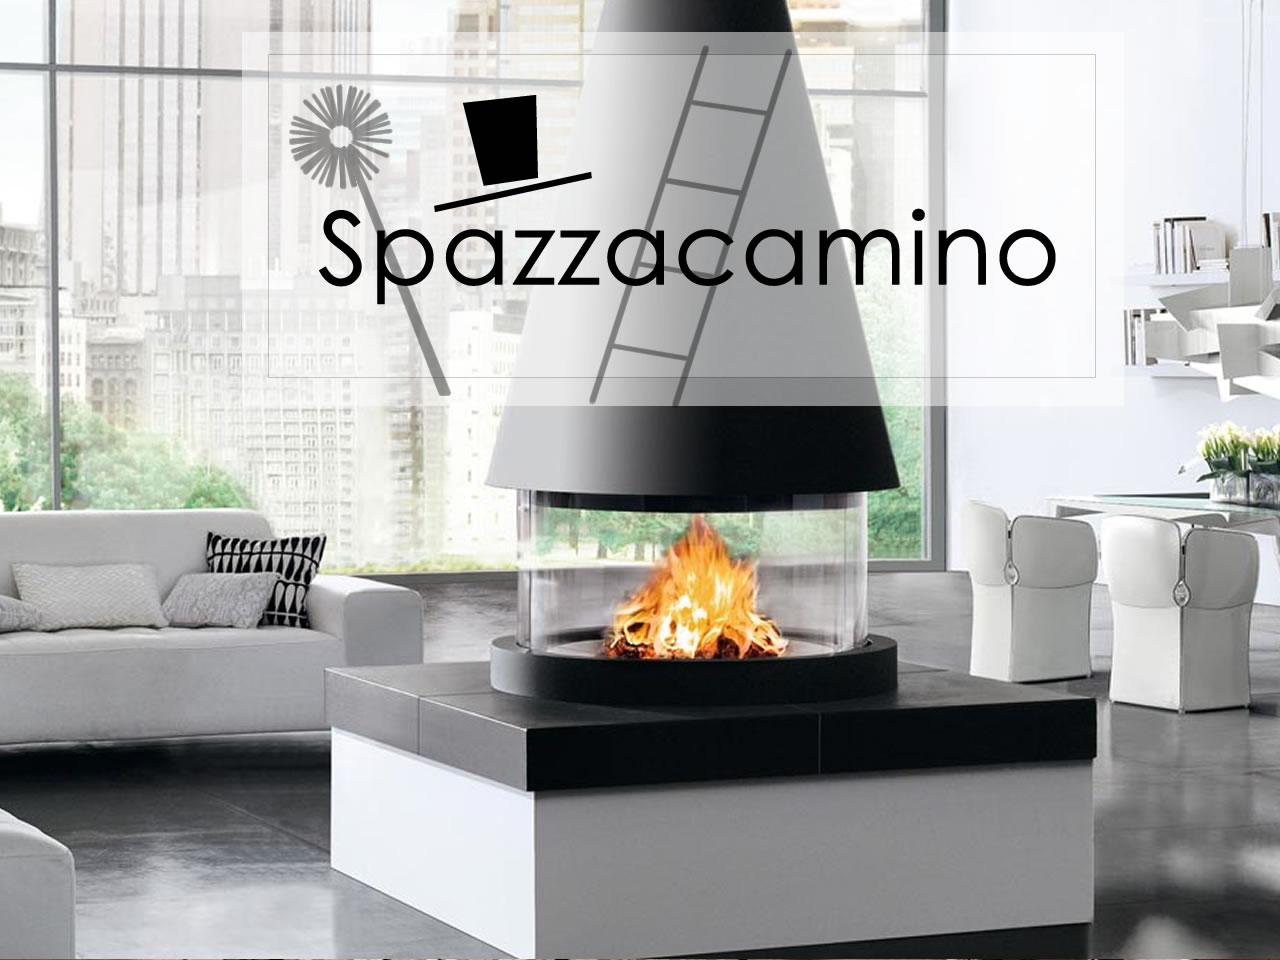 Quarto Oggiaro Milano - Spazzacamino Spazzacamino a Quarto Oggiaro Milano